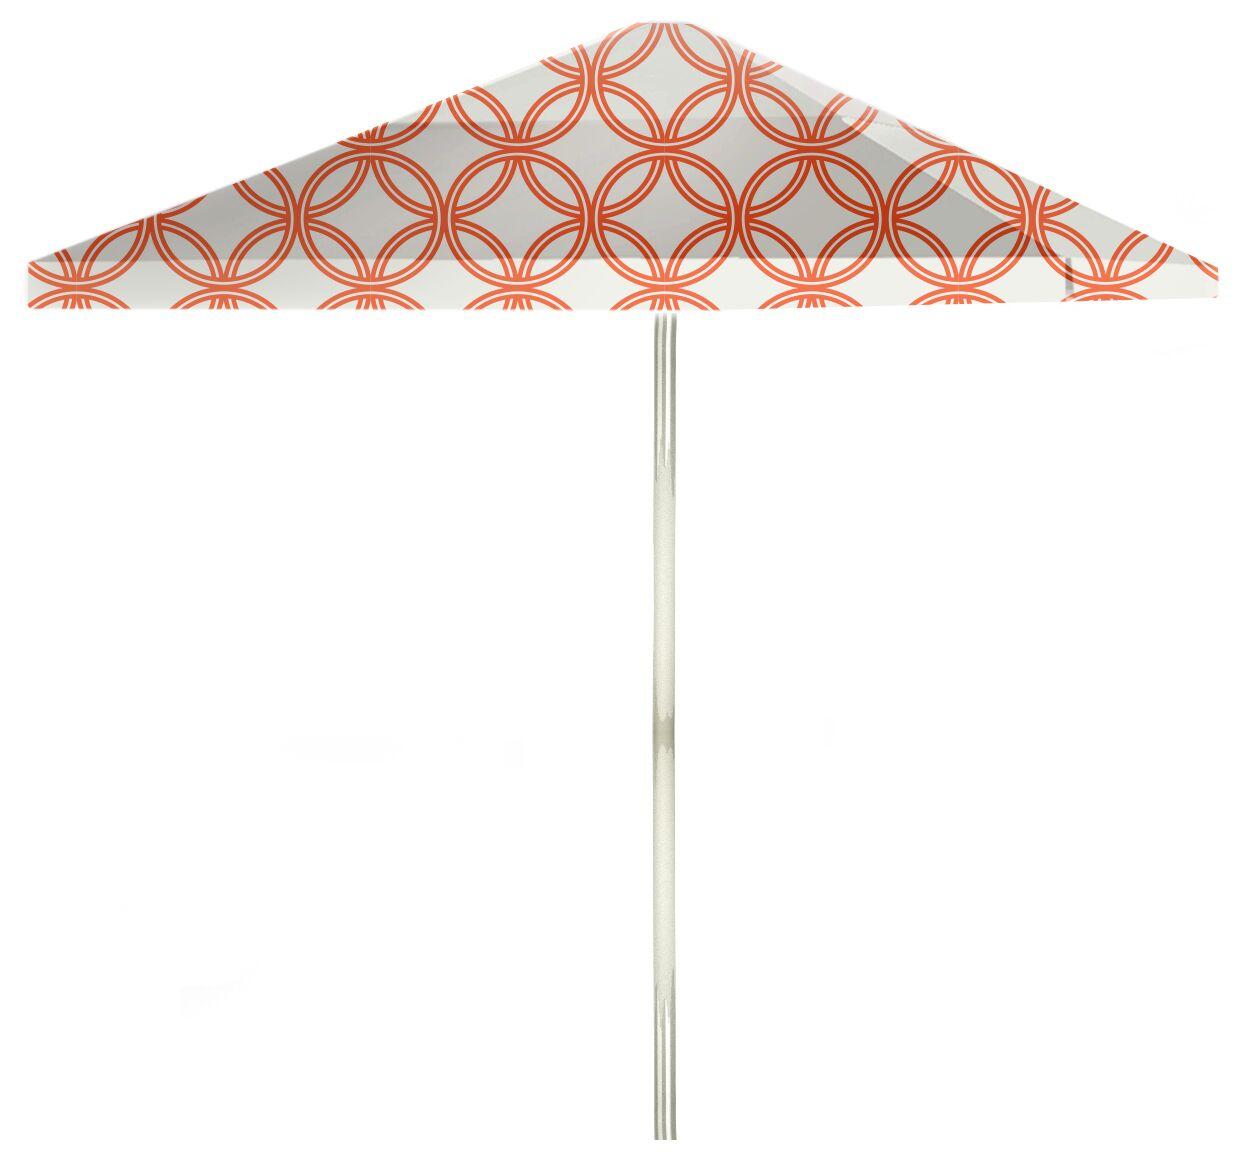 6' Square Market Umbrella Color: Orange/White